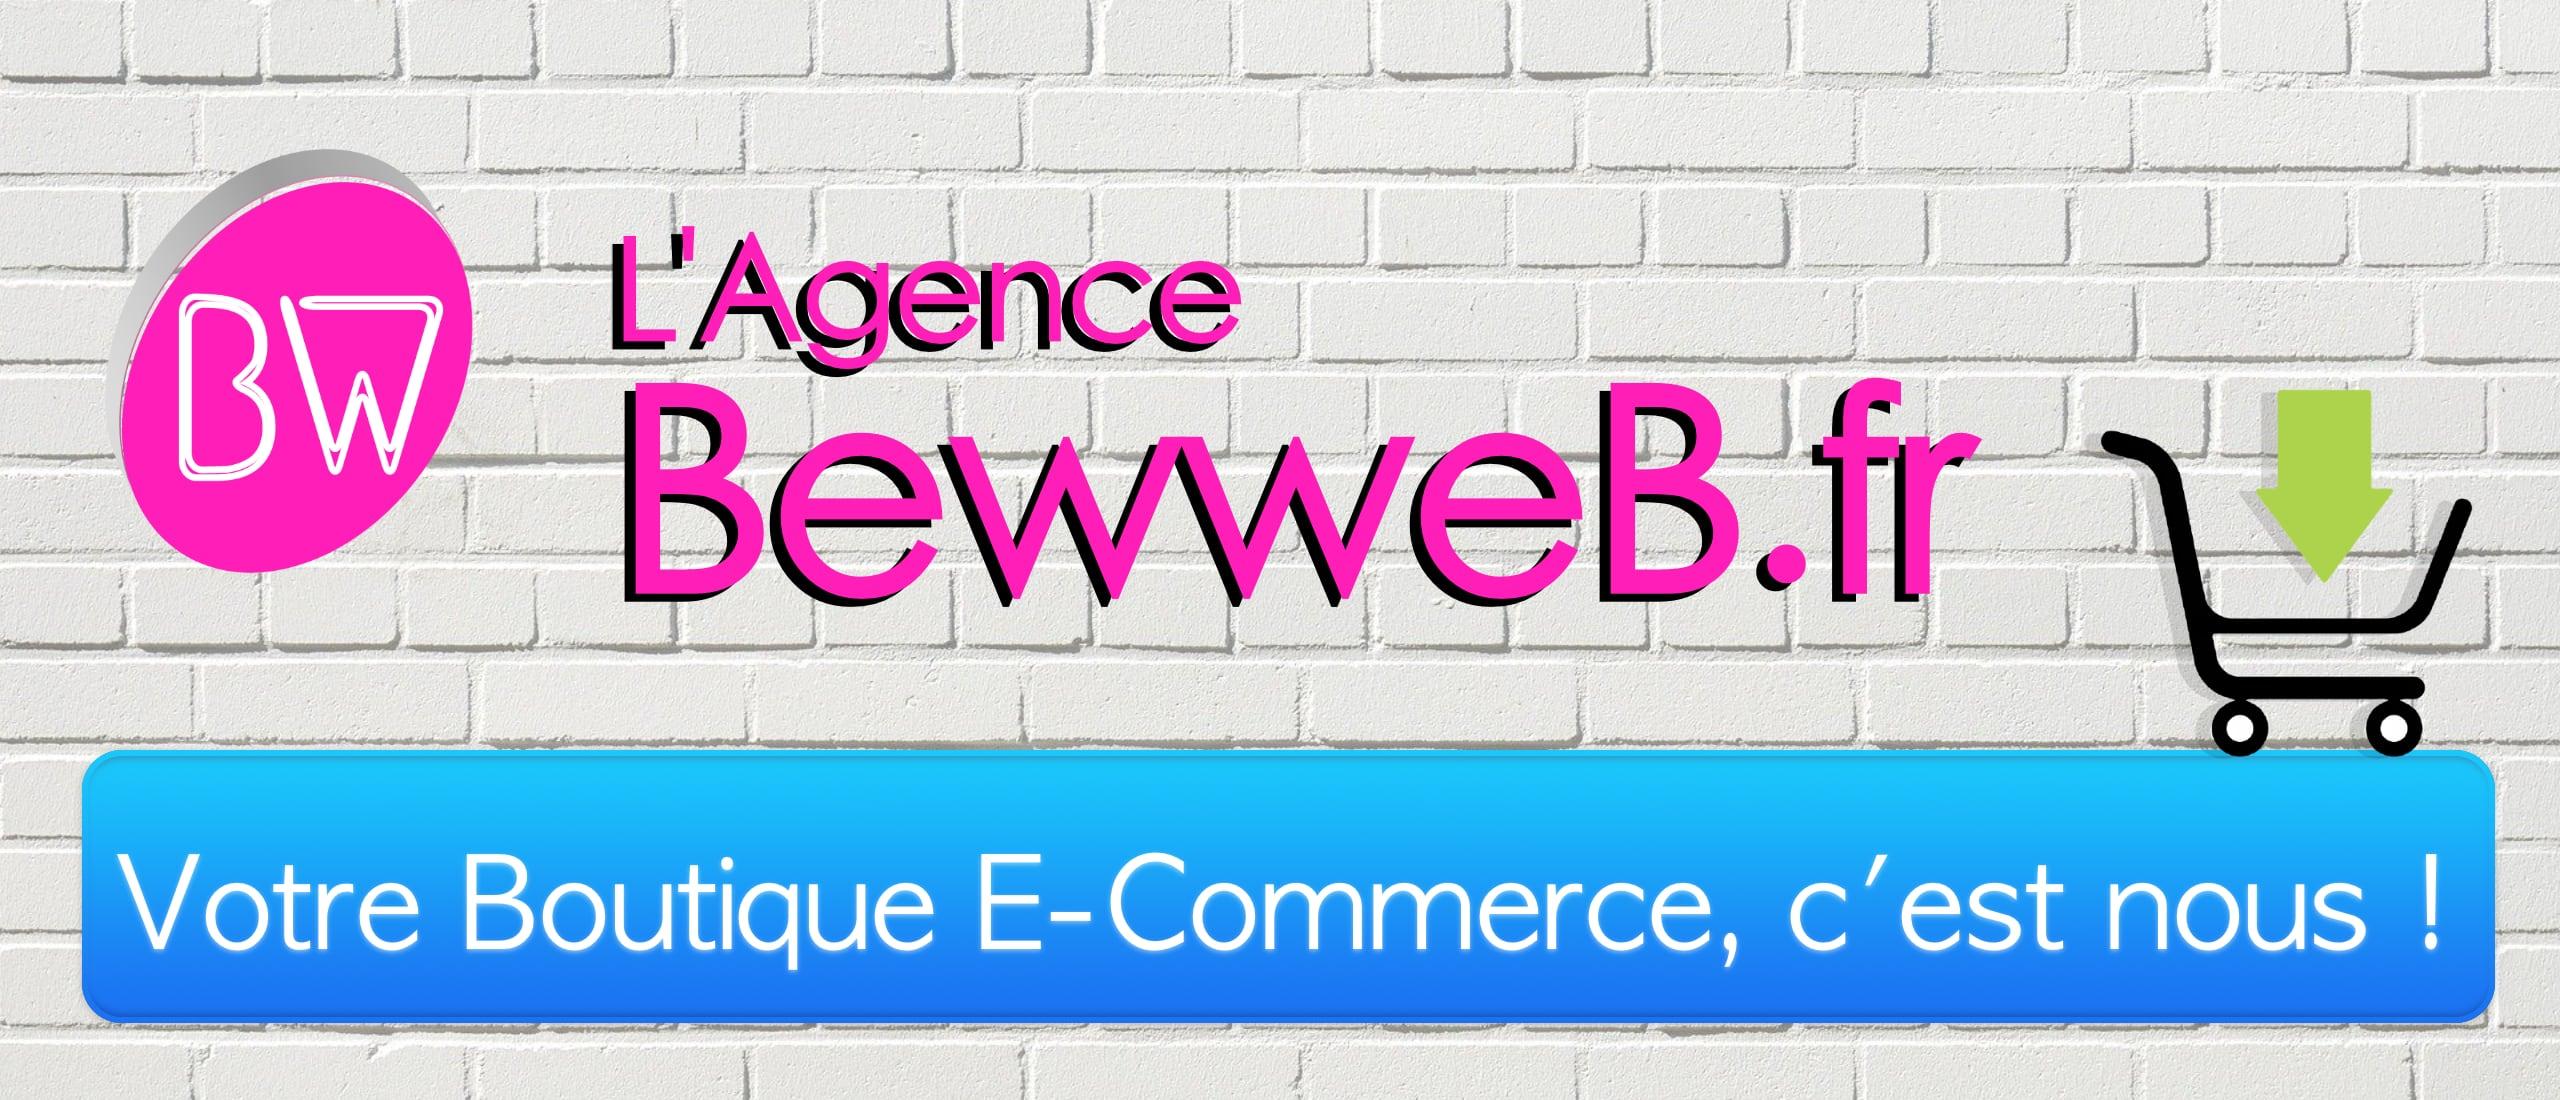 Entête site BewweB.fr E-Commerce